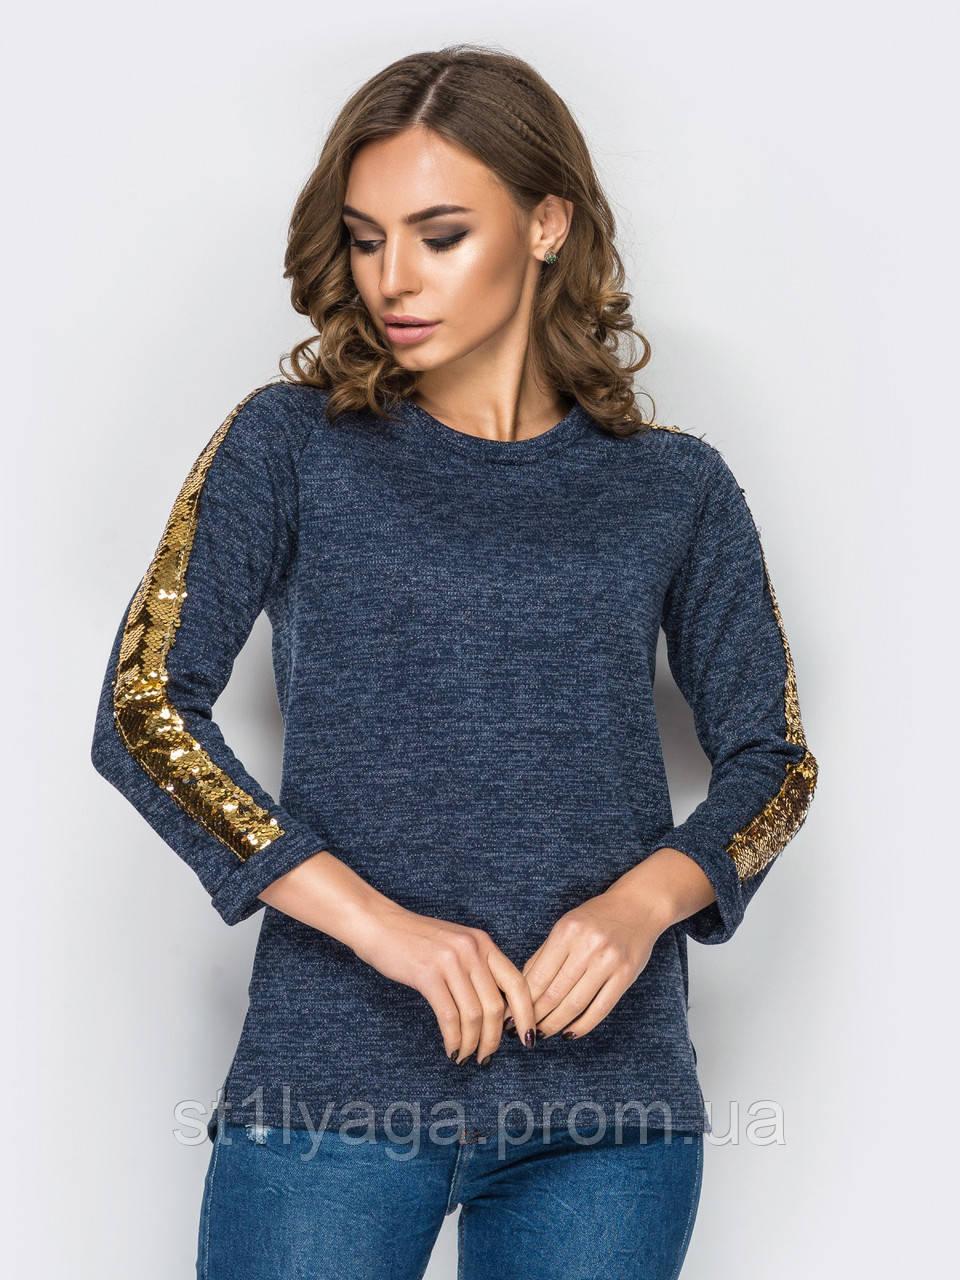 Трикотажная кофта с нитью люрекса и декором на рукавах в виде золотой полосы синий